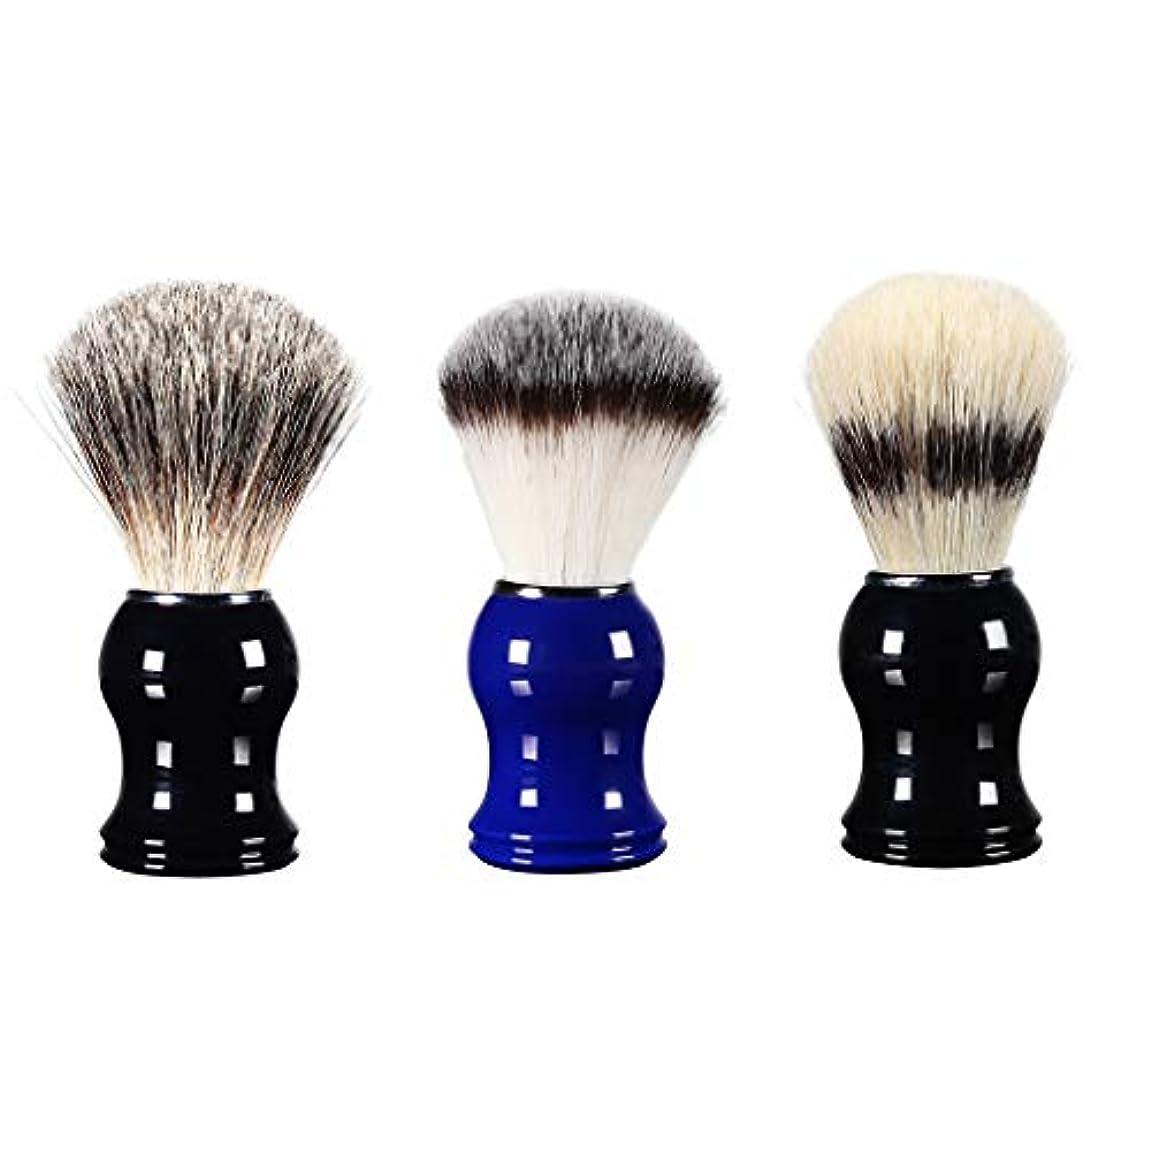 混乱した準備宮殿chiwanji 3個 男性用 シェービング用ブラシ 理容 洗顔 髭剃り 泡立ち アクセサリー